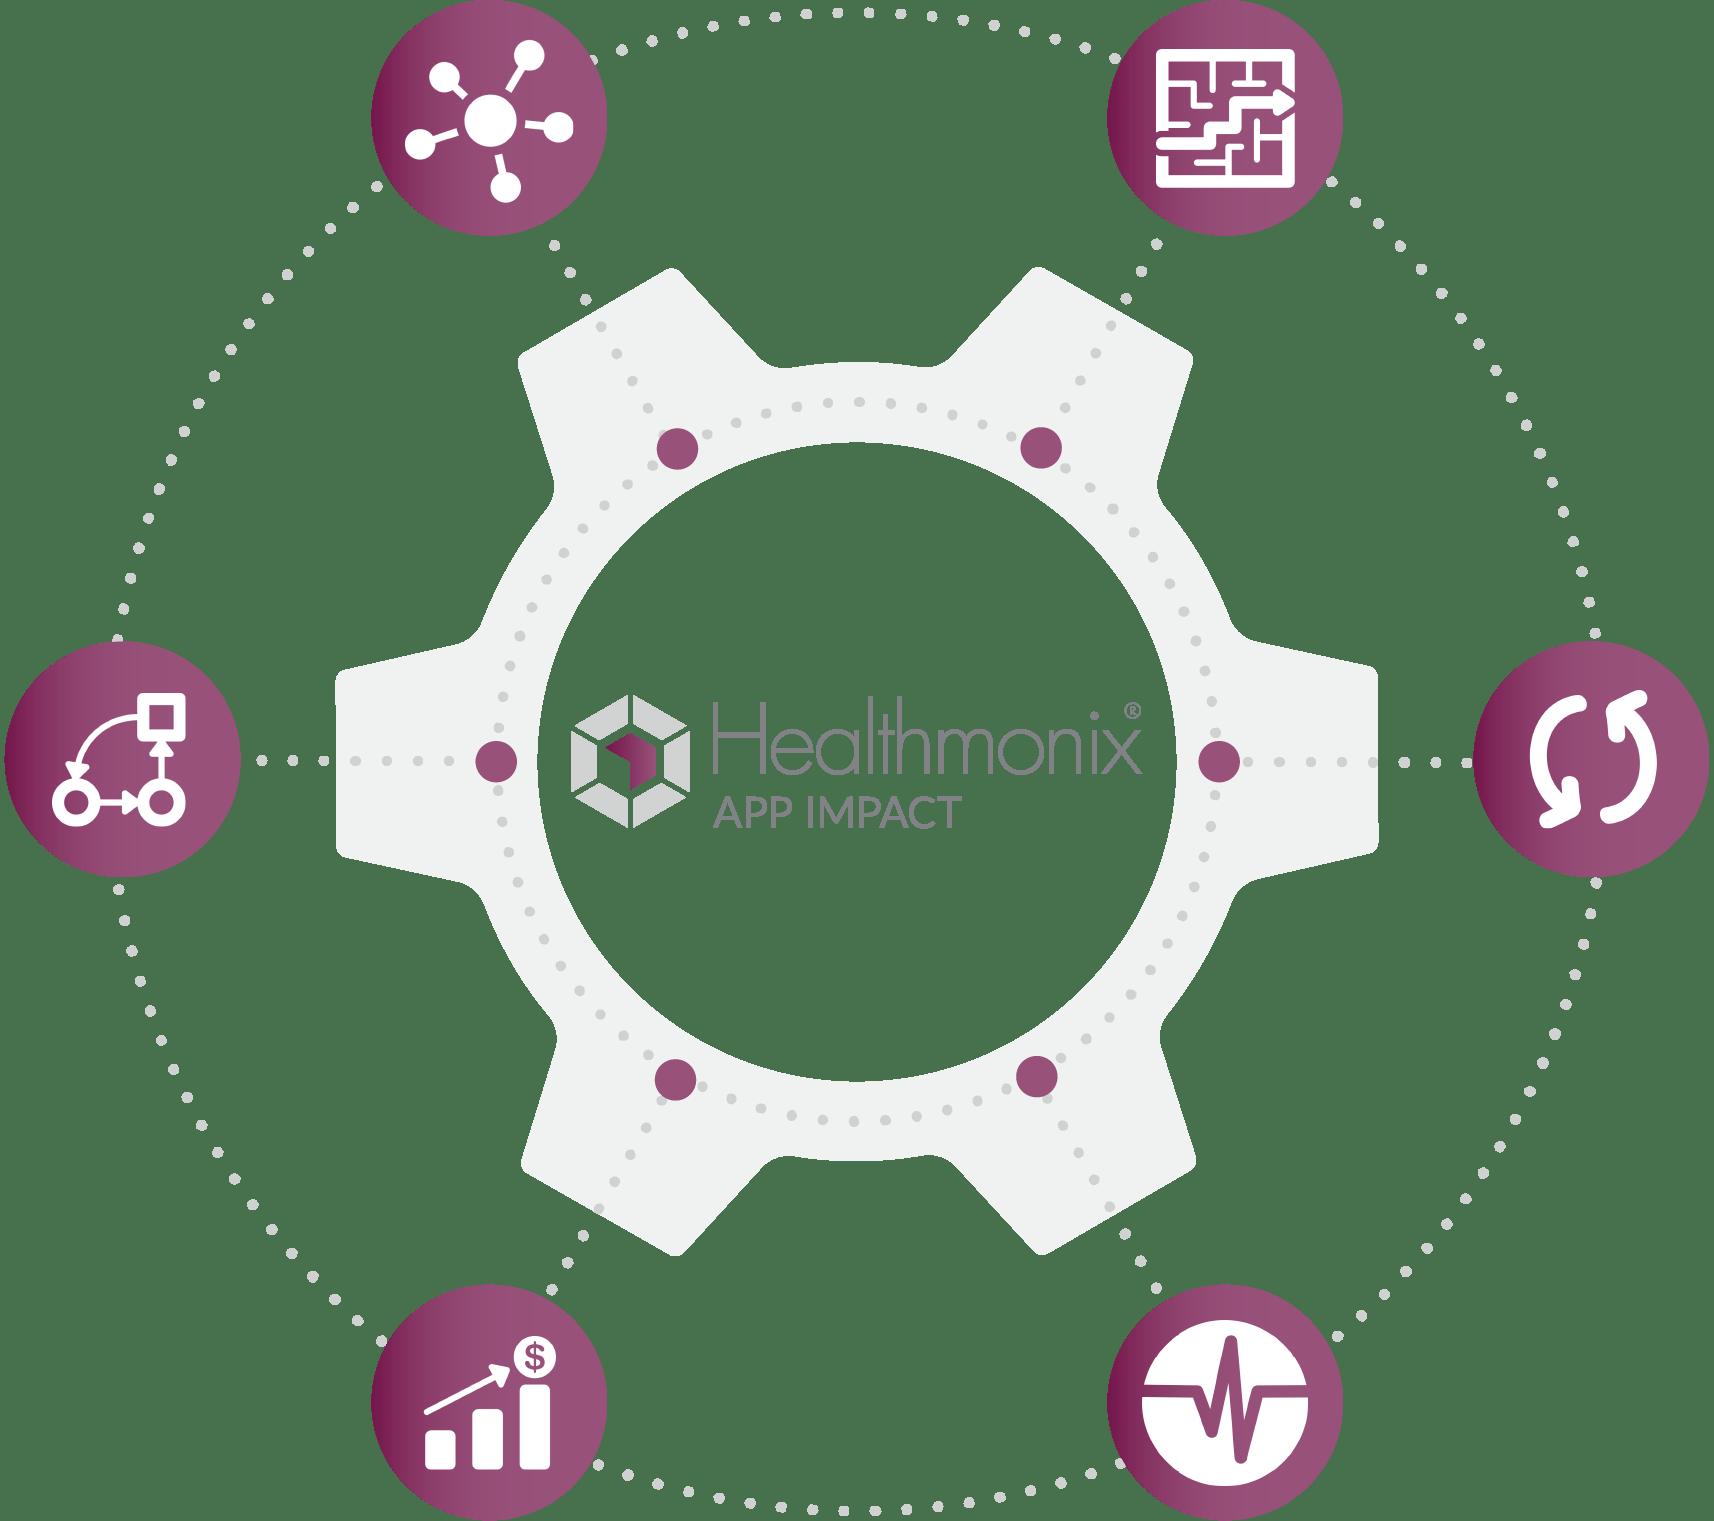 Healthmonix's APP Impact